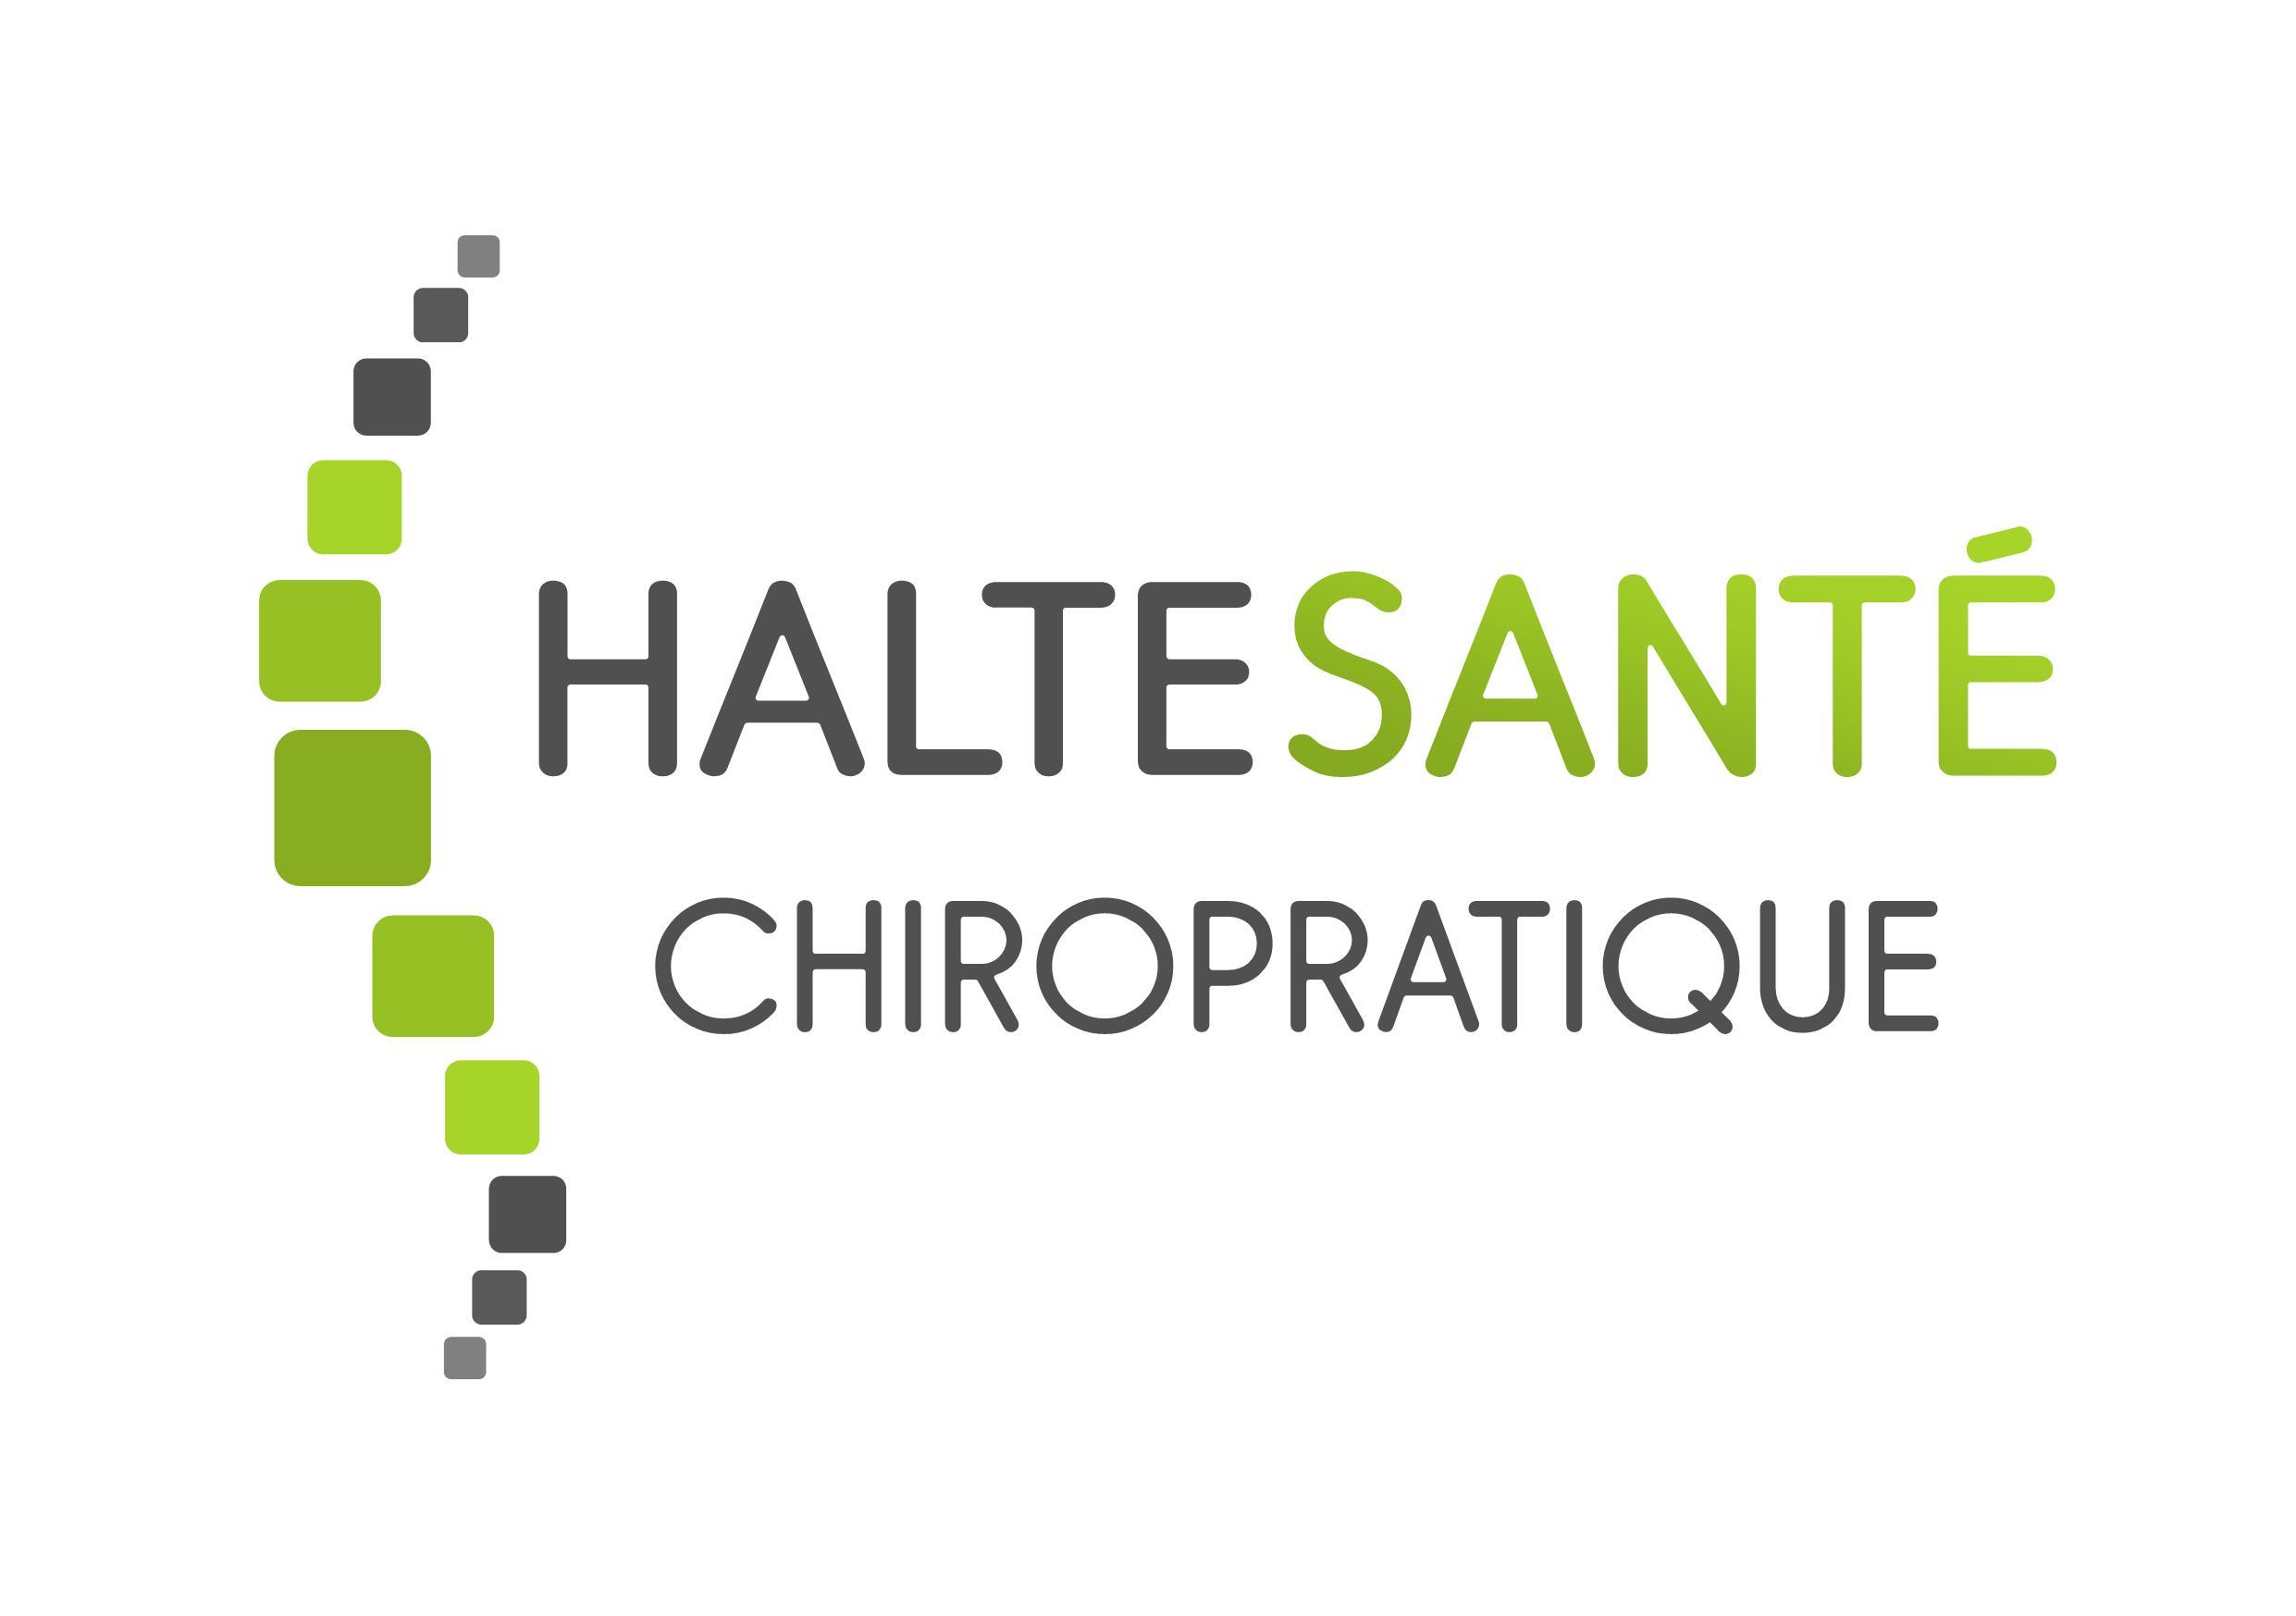 Halte Santé Chiropratique